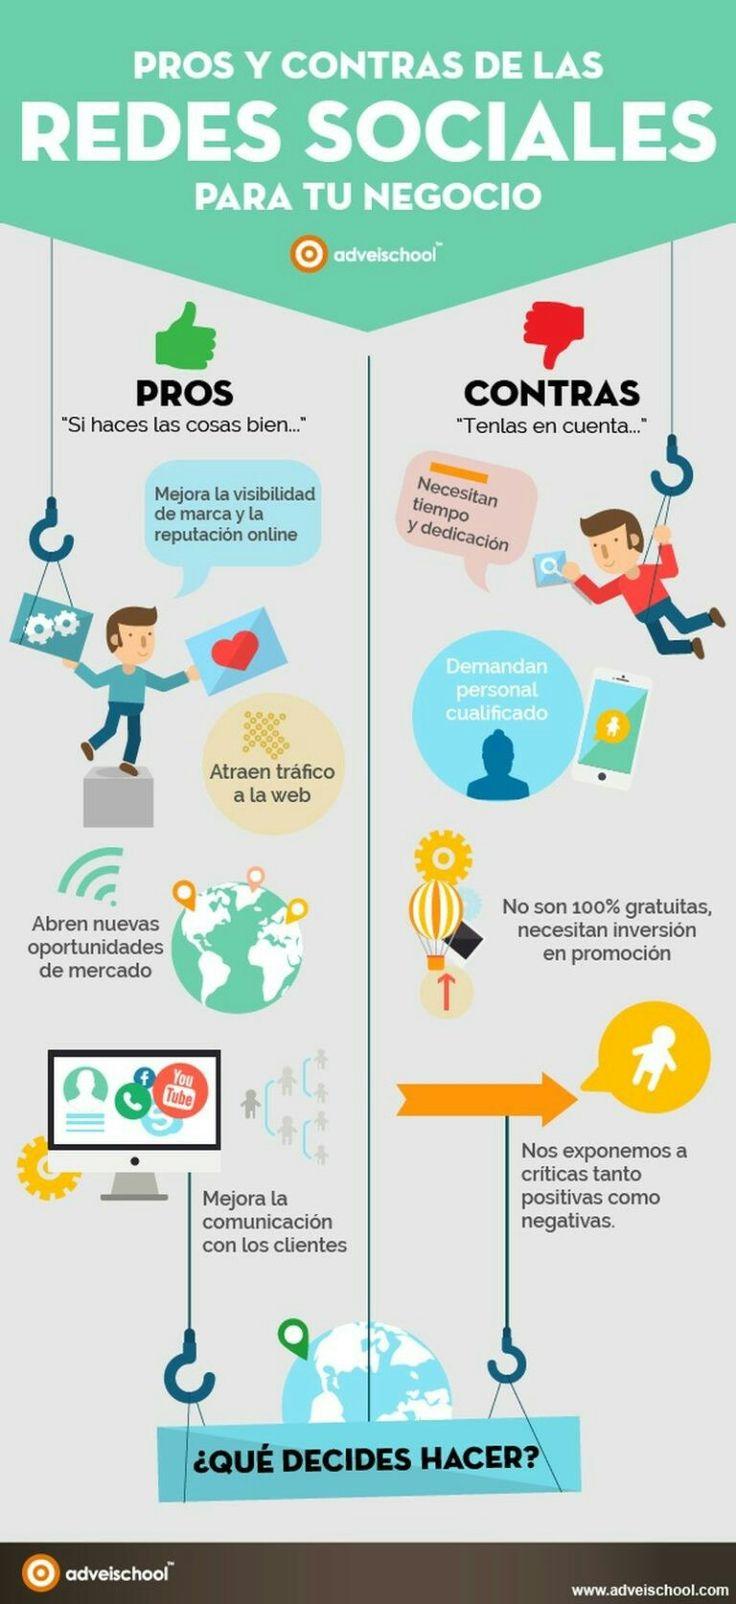 Pros y Contras de Redes Sociales para tu negocio